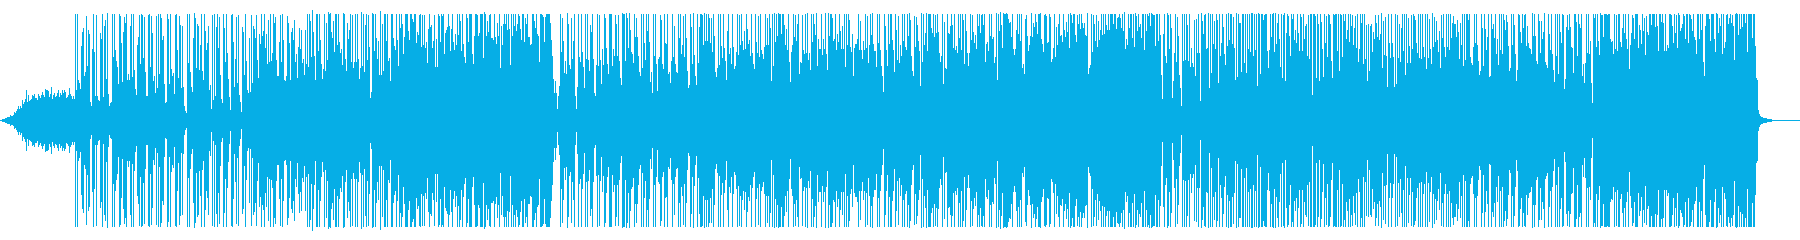 インストルメンタルニューエイジの始...の再生済みの波形